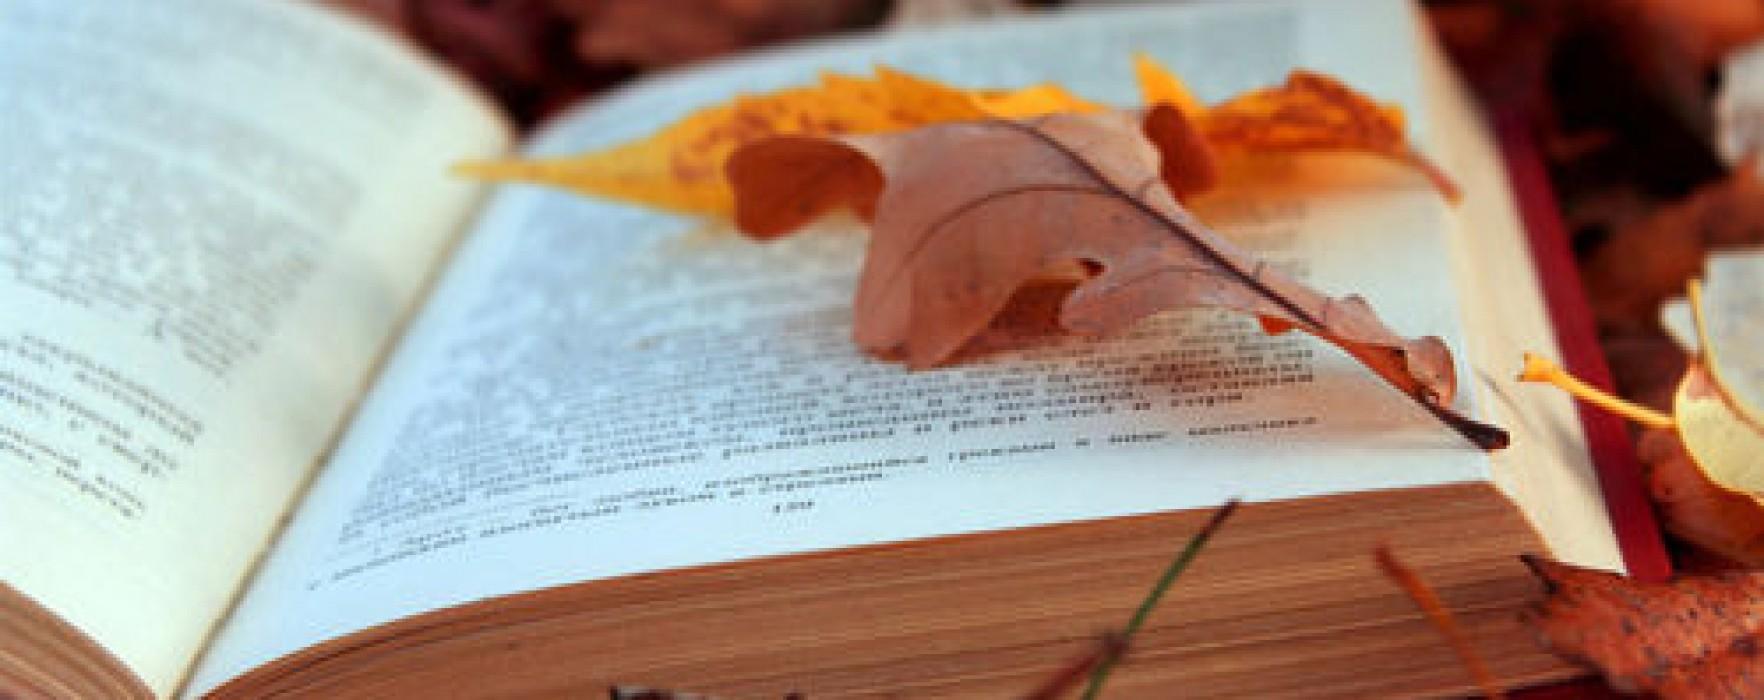 Autunno di libri: da BookCity Milano al Pisa Book Festival ecco gli eventi letterari da qui alla fine del 2015